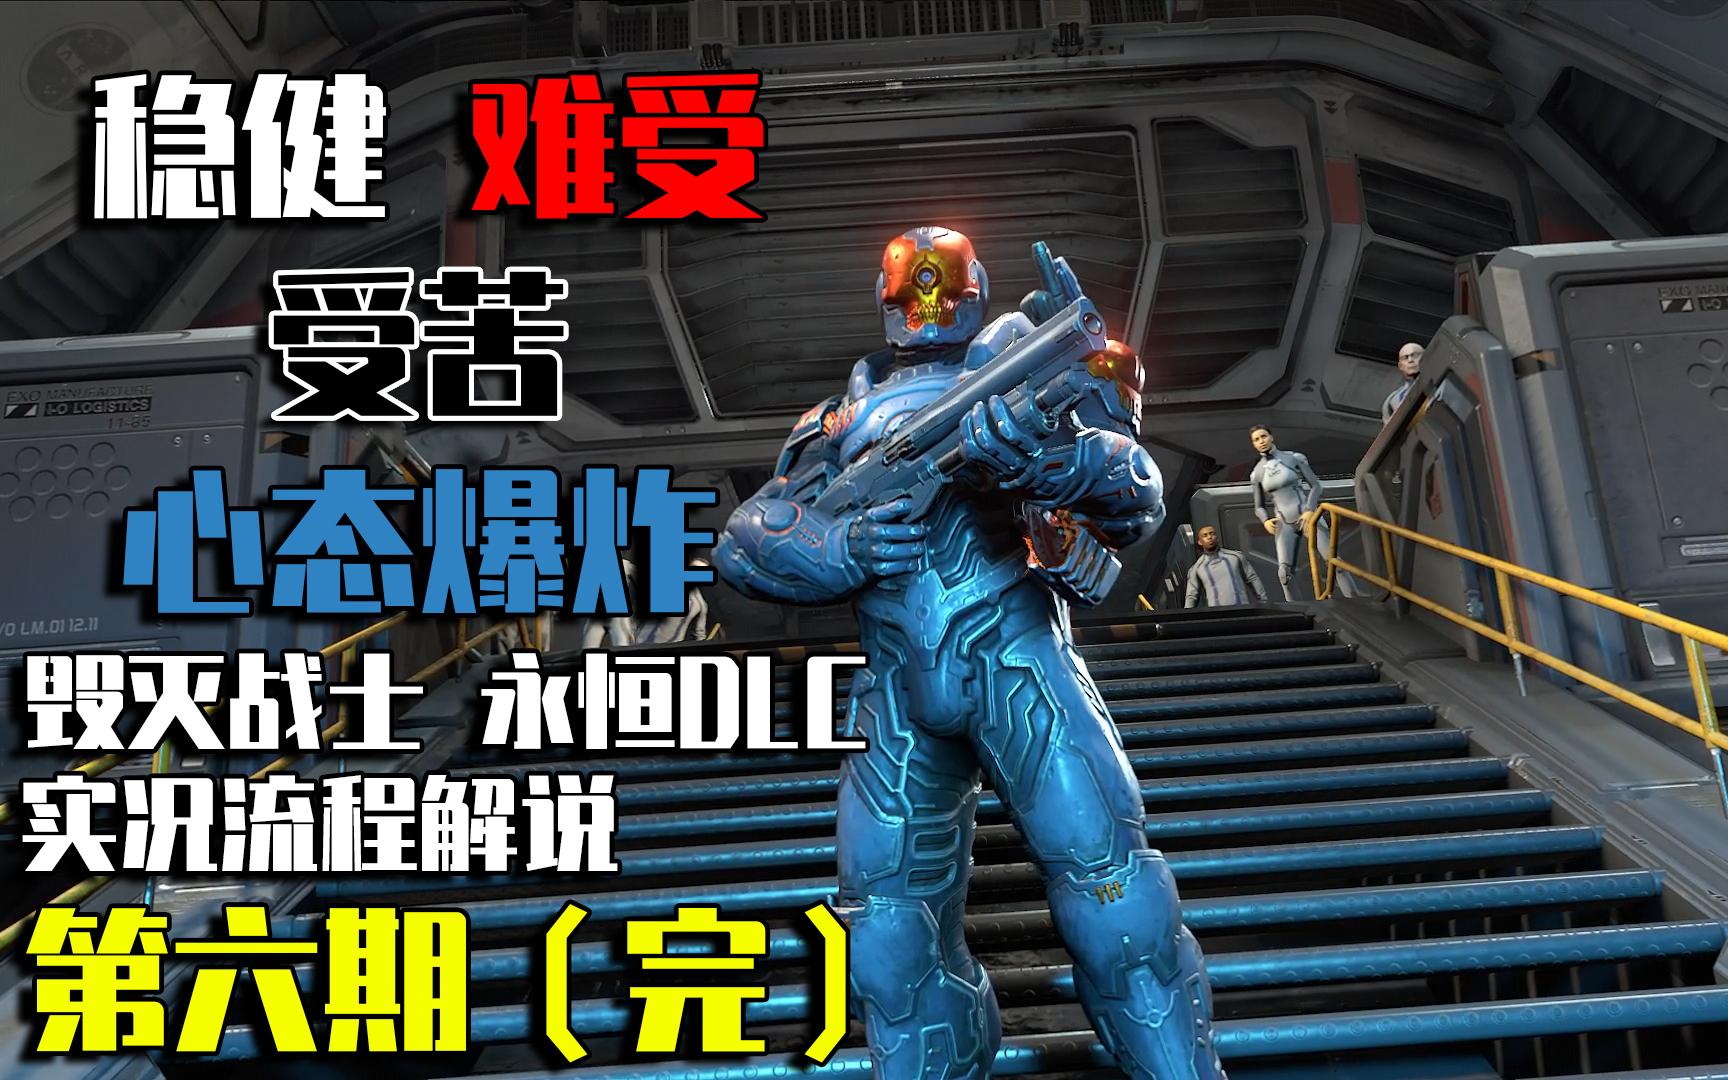 《毁灭战士 永恒》DLC 稳健 难受 受苦 实况流程解说第六期(完)